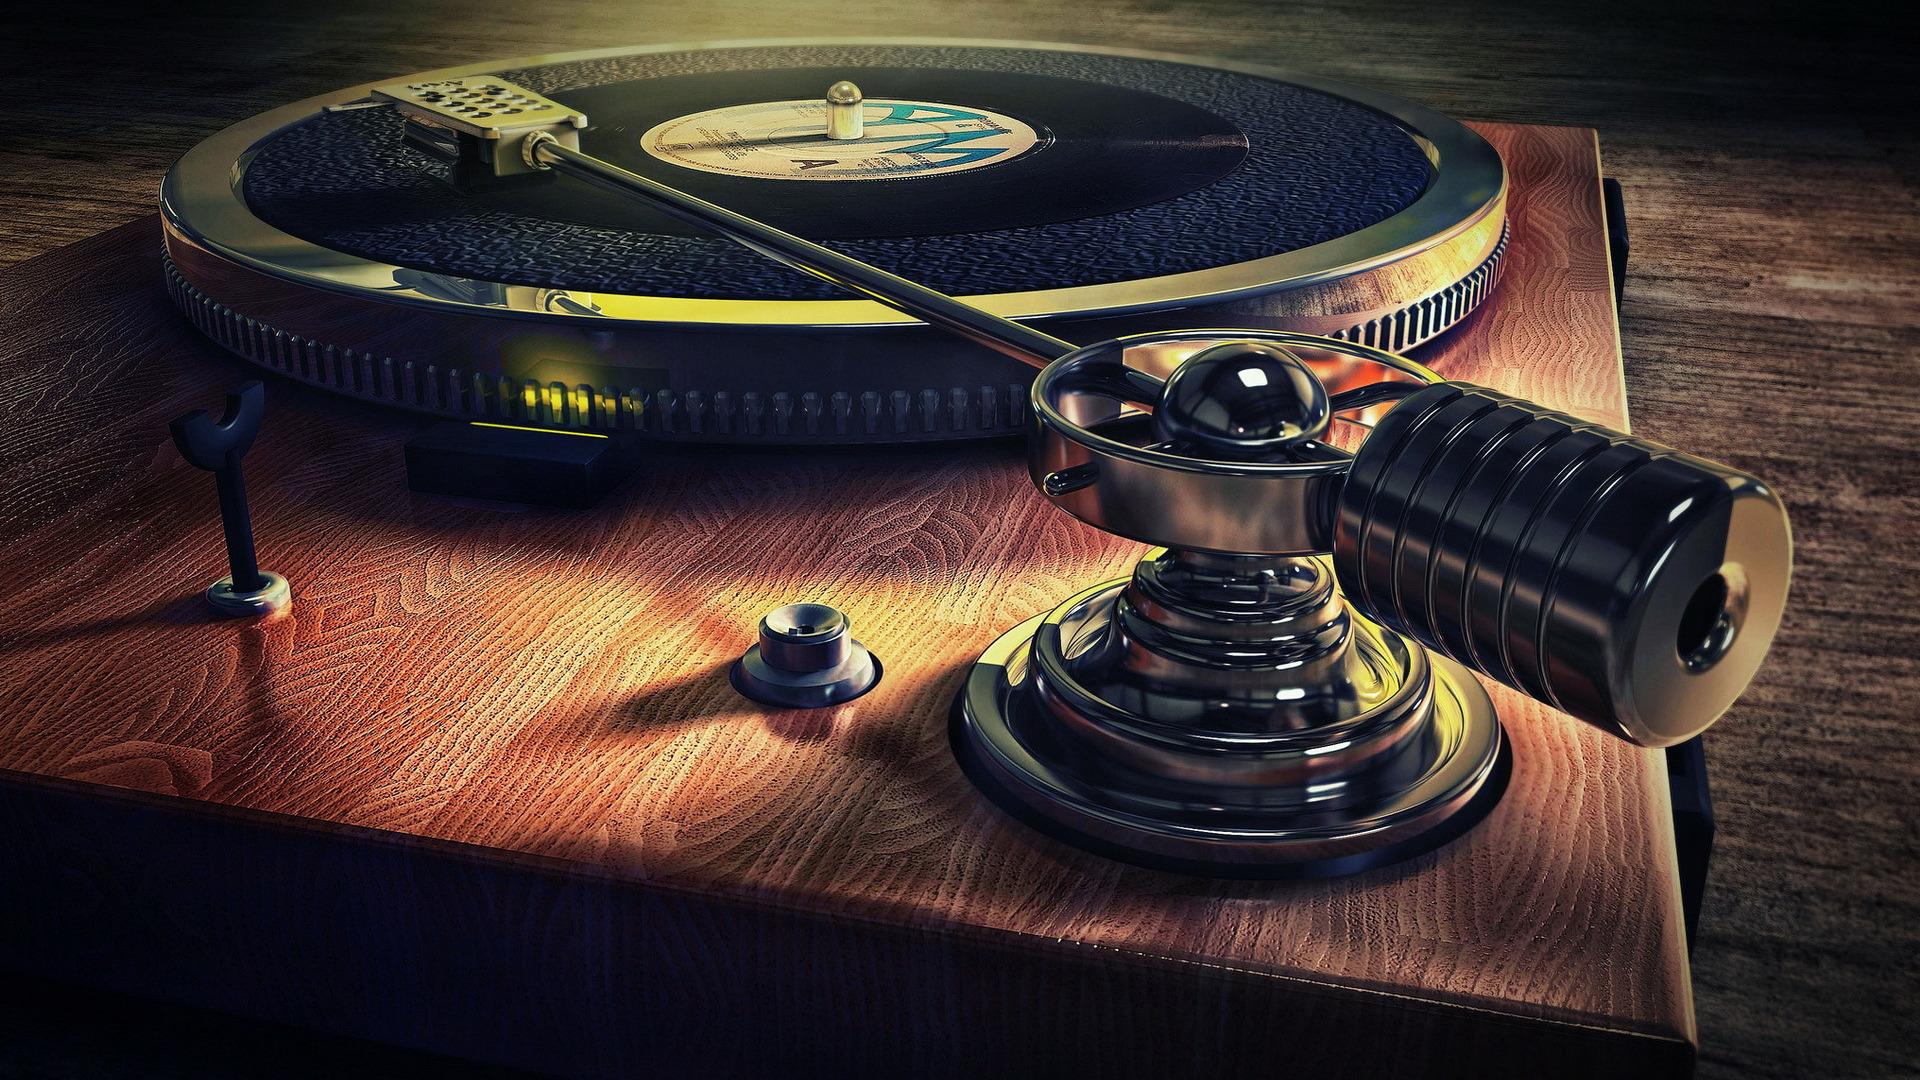 Картинки на заставку рабочего стола музыка